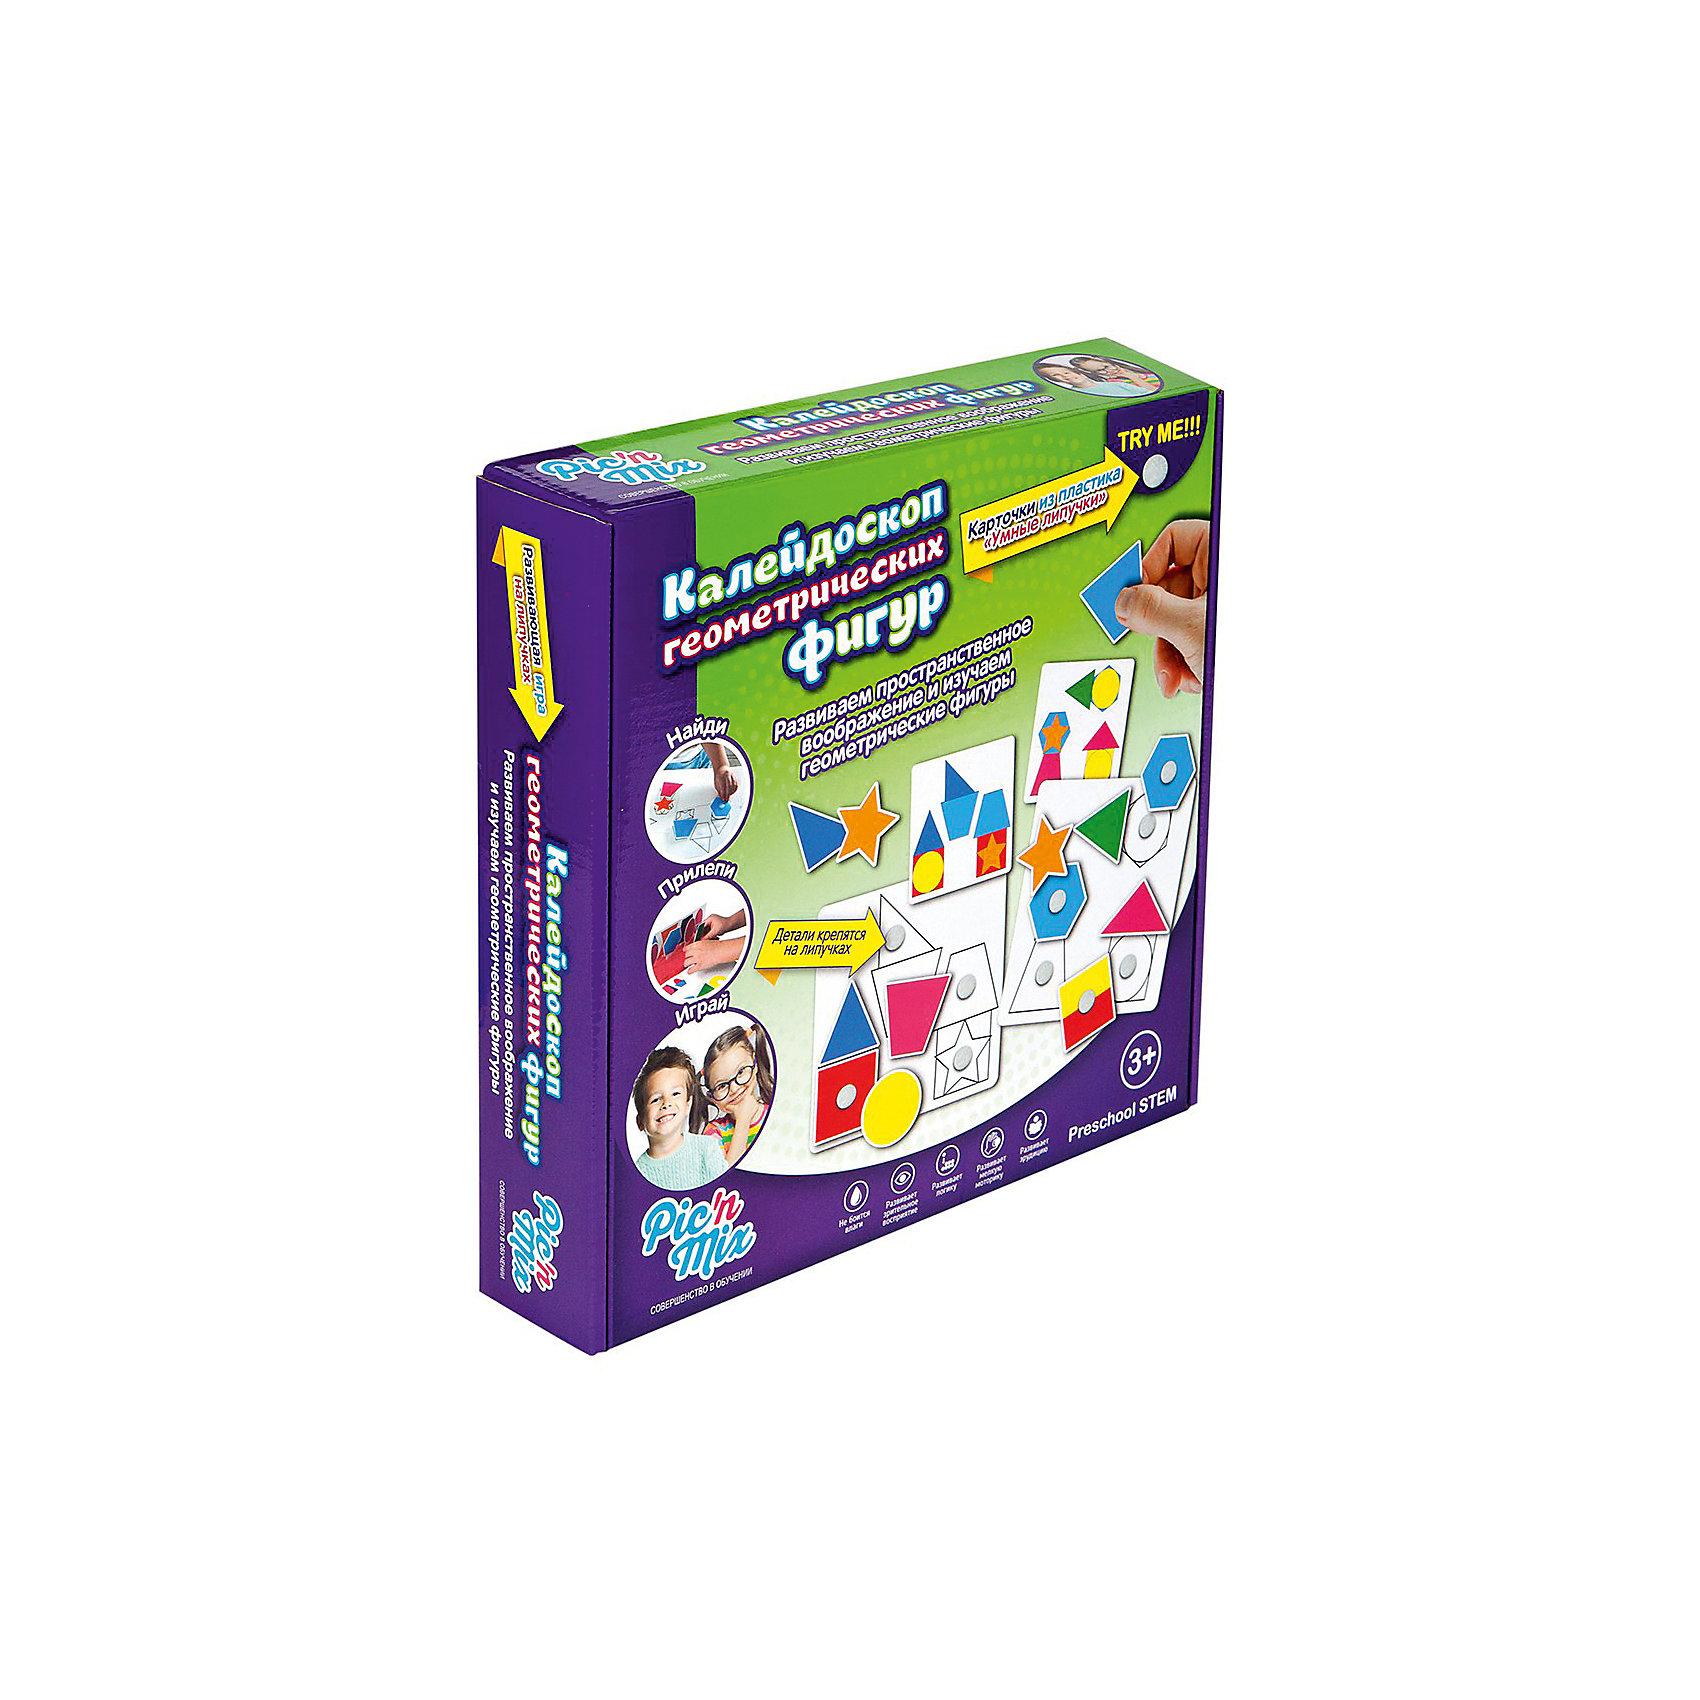 Калейдоскоп геометрических фигур, PicnMixОбучающая игра пазл-липучка включает в себя 2 этапа и состоит из 6 игровых полей, используя которые, ребенок учится собирать  образы и изображения из нескольких геометрических фигур; на втором этапе, он составляет сложные геометрические фигуры совмещая простые. Игра развивает пространственное воображение; восприятие формы и цвета; зрительную память; творческие способности;  мелкую моторику рук.<br><br>Дополнительная информация:<br><br>- Материал: пластик, картон.<br>- Размер: 16 ? 25 ? 5.3 см.<br>- Комплектация: 6 игровых полей, карточки, инструкция.<br>- Предназначена для нескольких игроков.<br>- Карточки устойчивы к механическому воздействию, воздействию влаги.<br><br>Игру Калейдоскоп геометрических фигур, Pic`n Mix, можно купить в нашем магазине.<br><br>Ширина мм: 250<br>Глубина мм: 160<br>Высота мм: 52<br>Вес г: 300<br>Возраст от месяцев: 36<br>Возраст до месяцев: 60<br>Пол: Унисекс<br>Возраст: Детский<br>SKU: 4284796